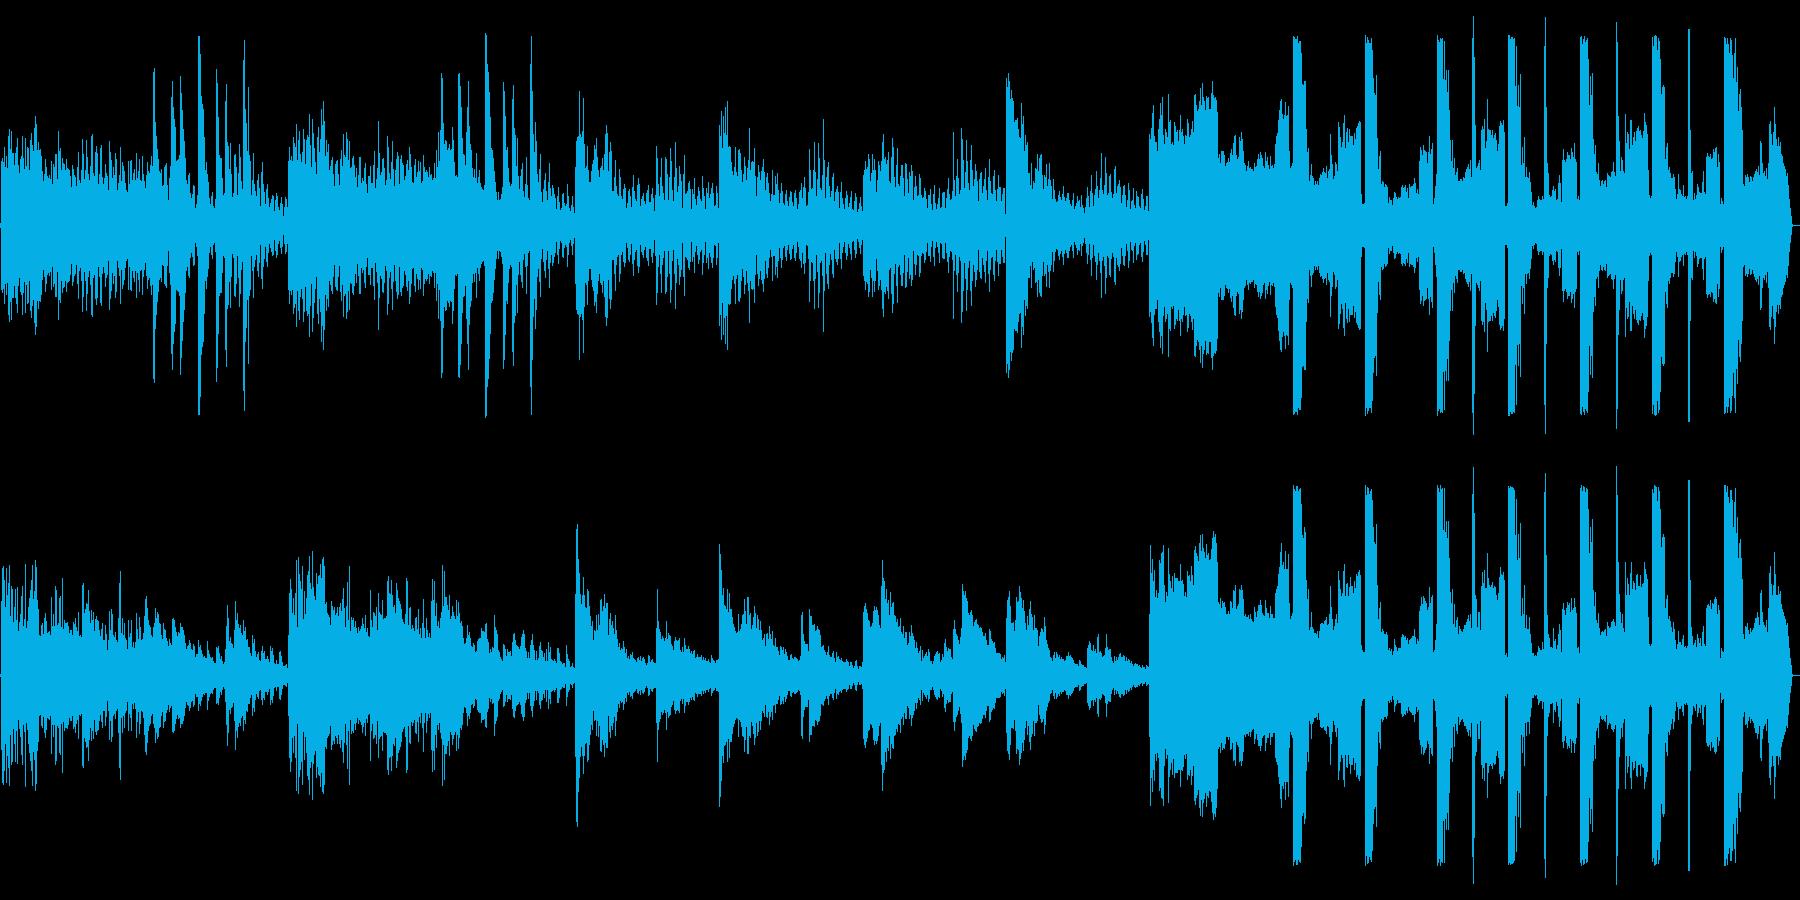 繊細な電子音が特徴的な癒し系音楽の再生済みの波形